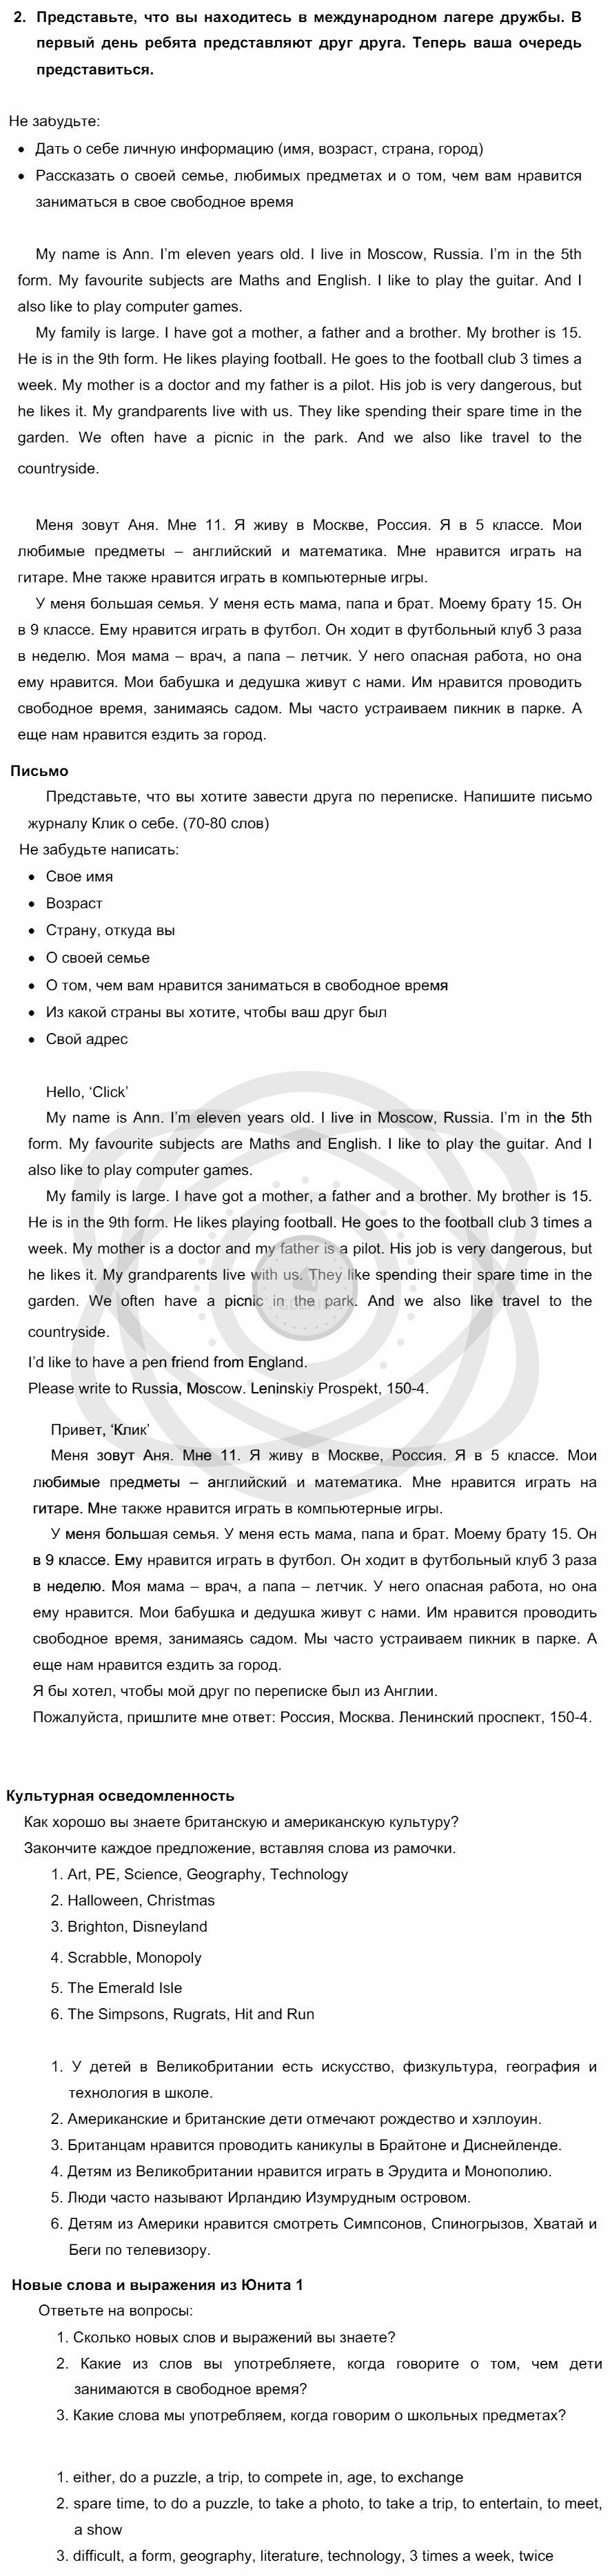 Английский язык 5 класс Кузовлев В. П. Unit 1. Давай познакомимся с новыми друзьями / Урок 7-8. Проверь себя: 2